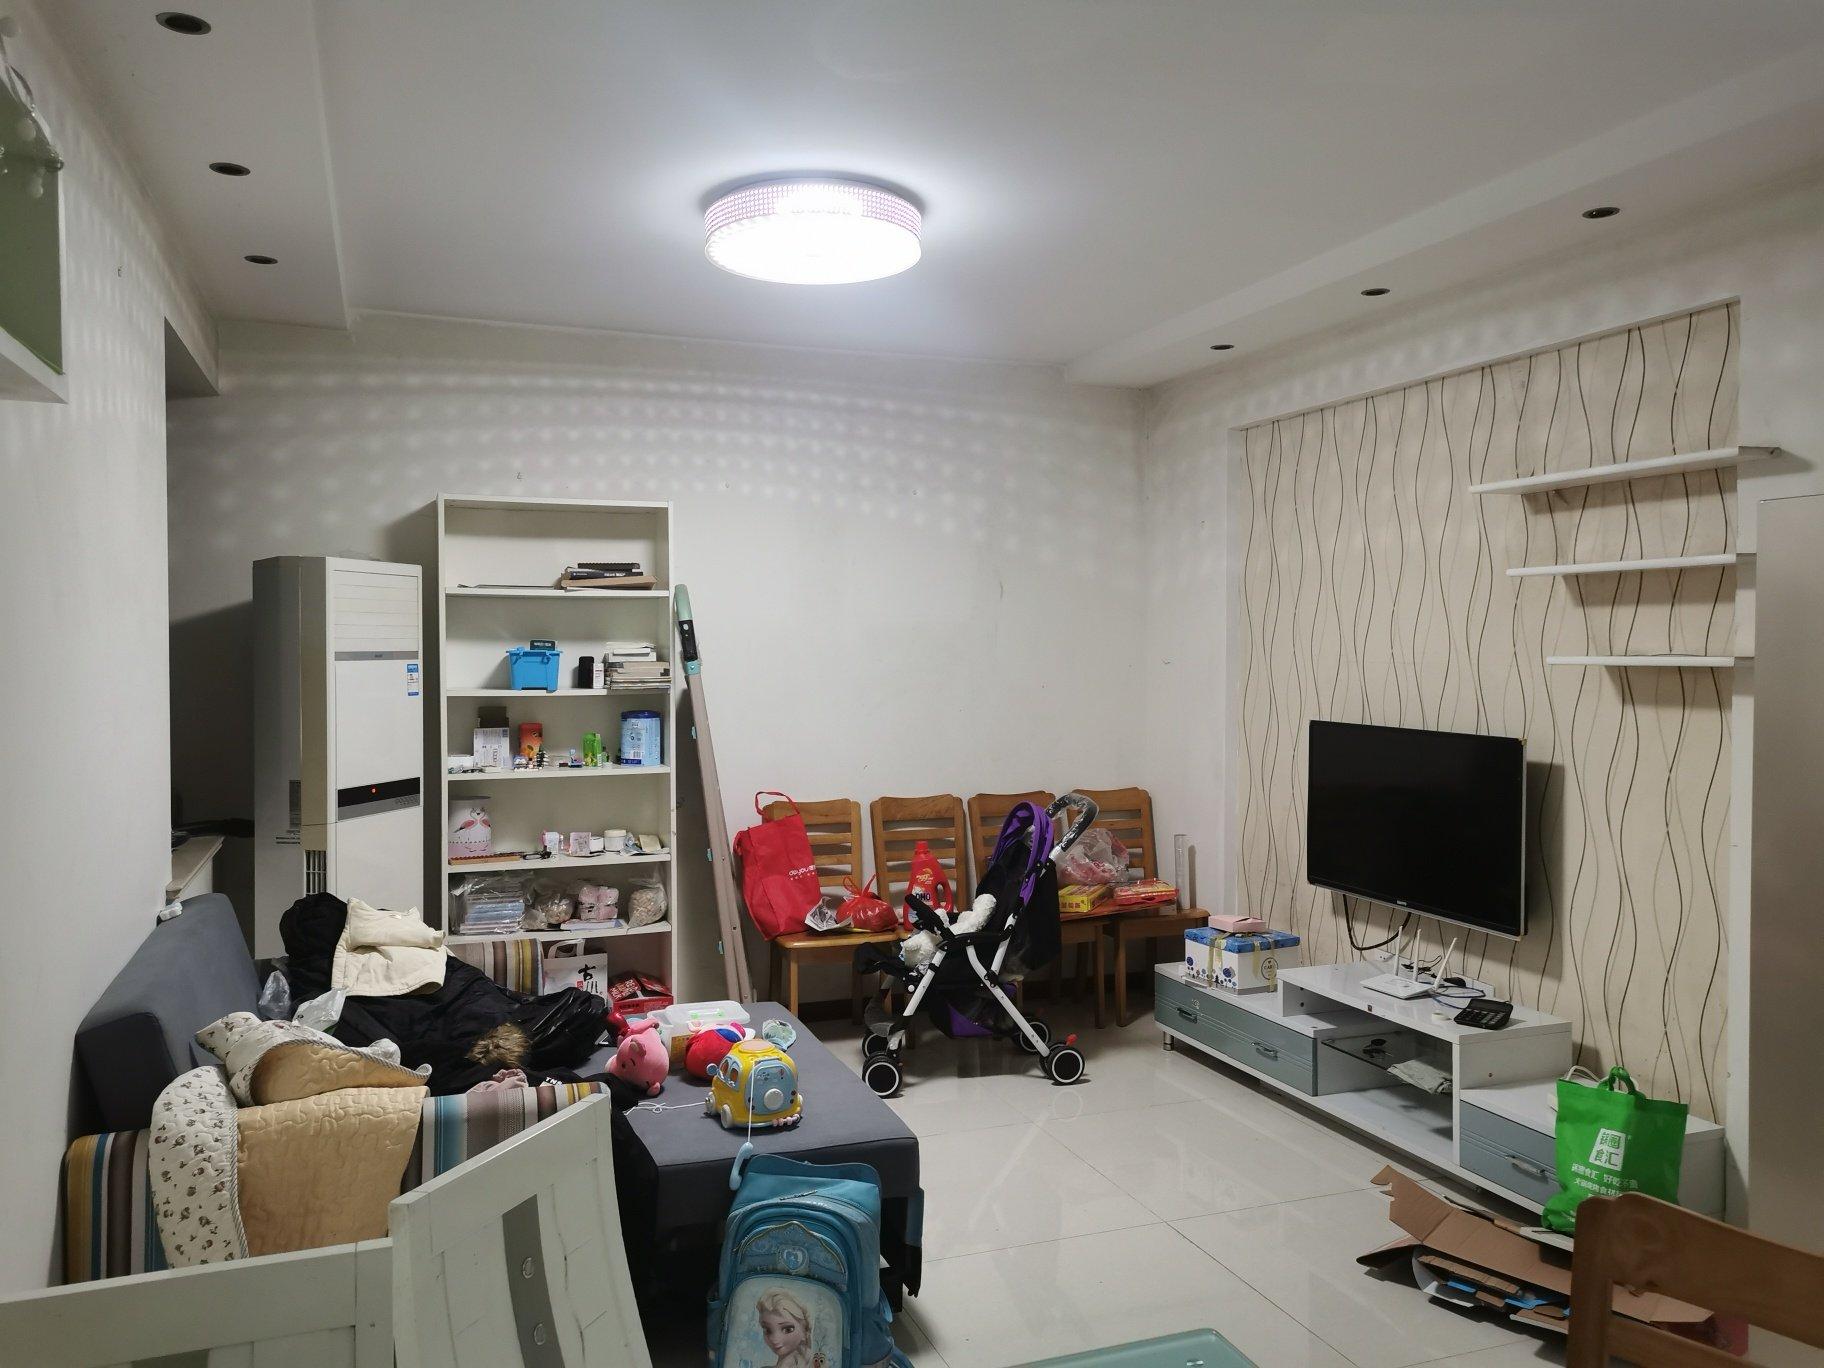 我想把客厅隔成房间,大概要多少钱